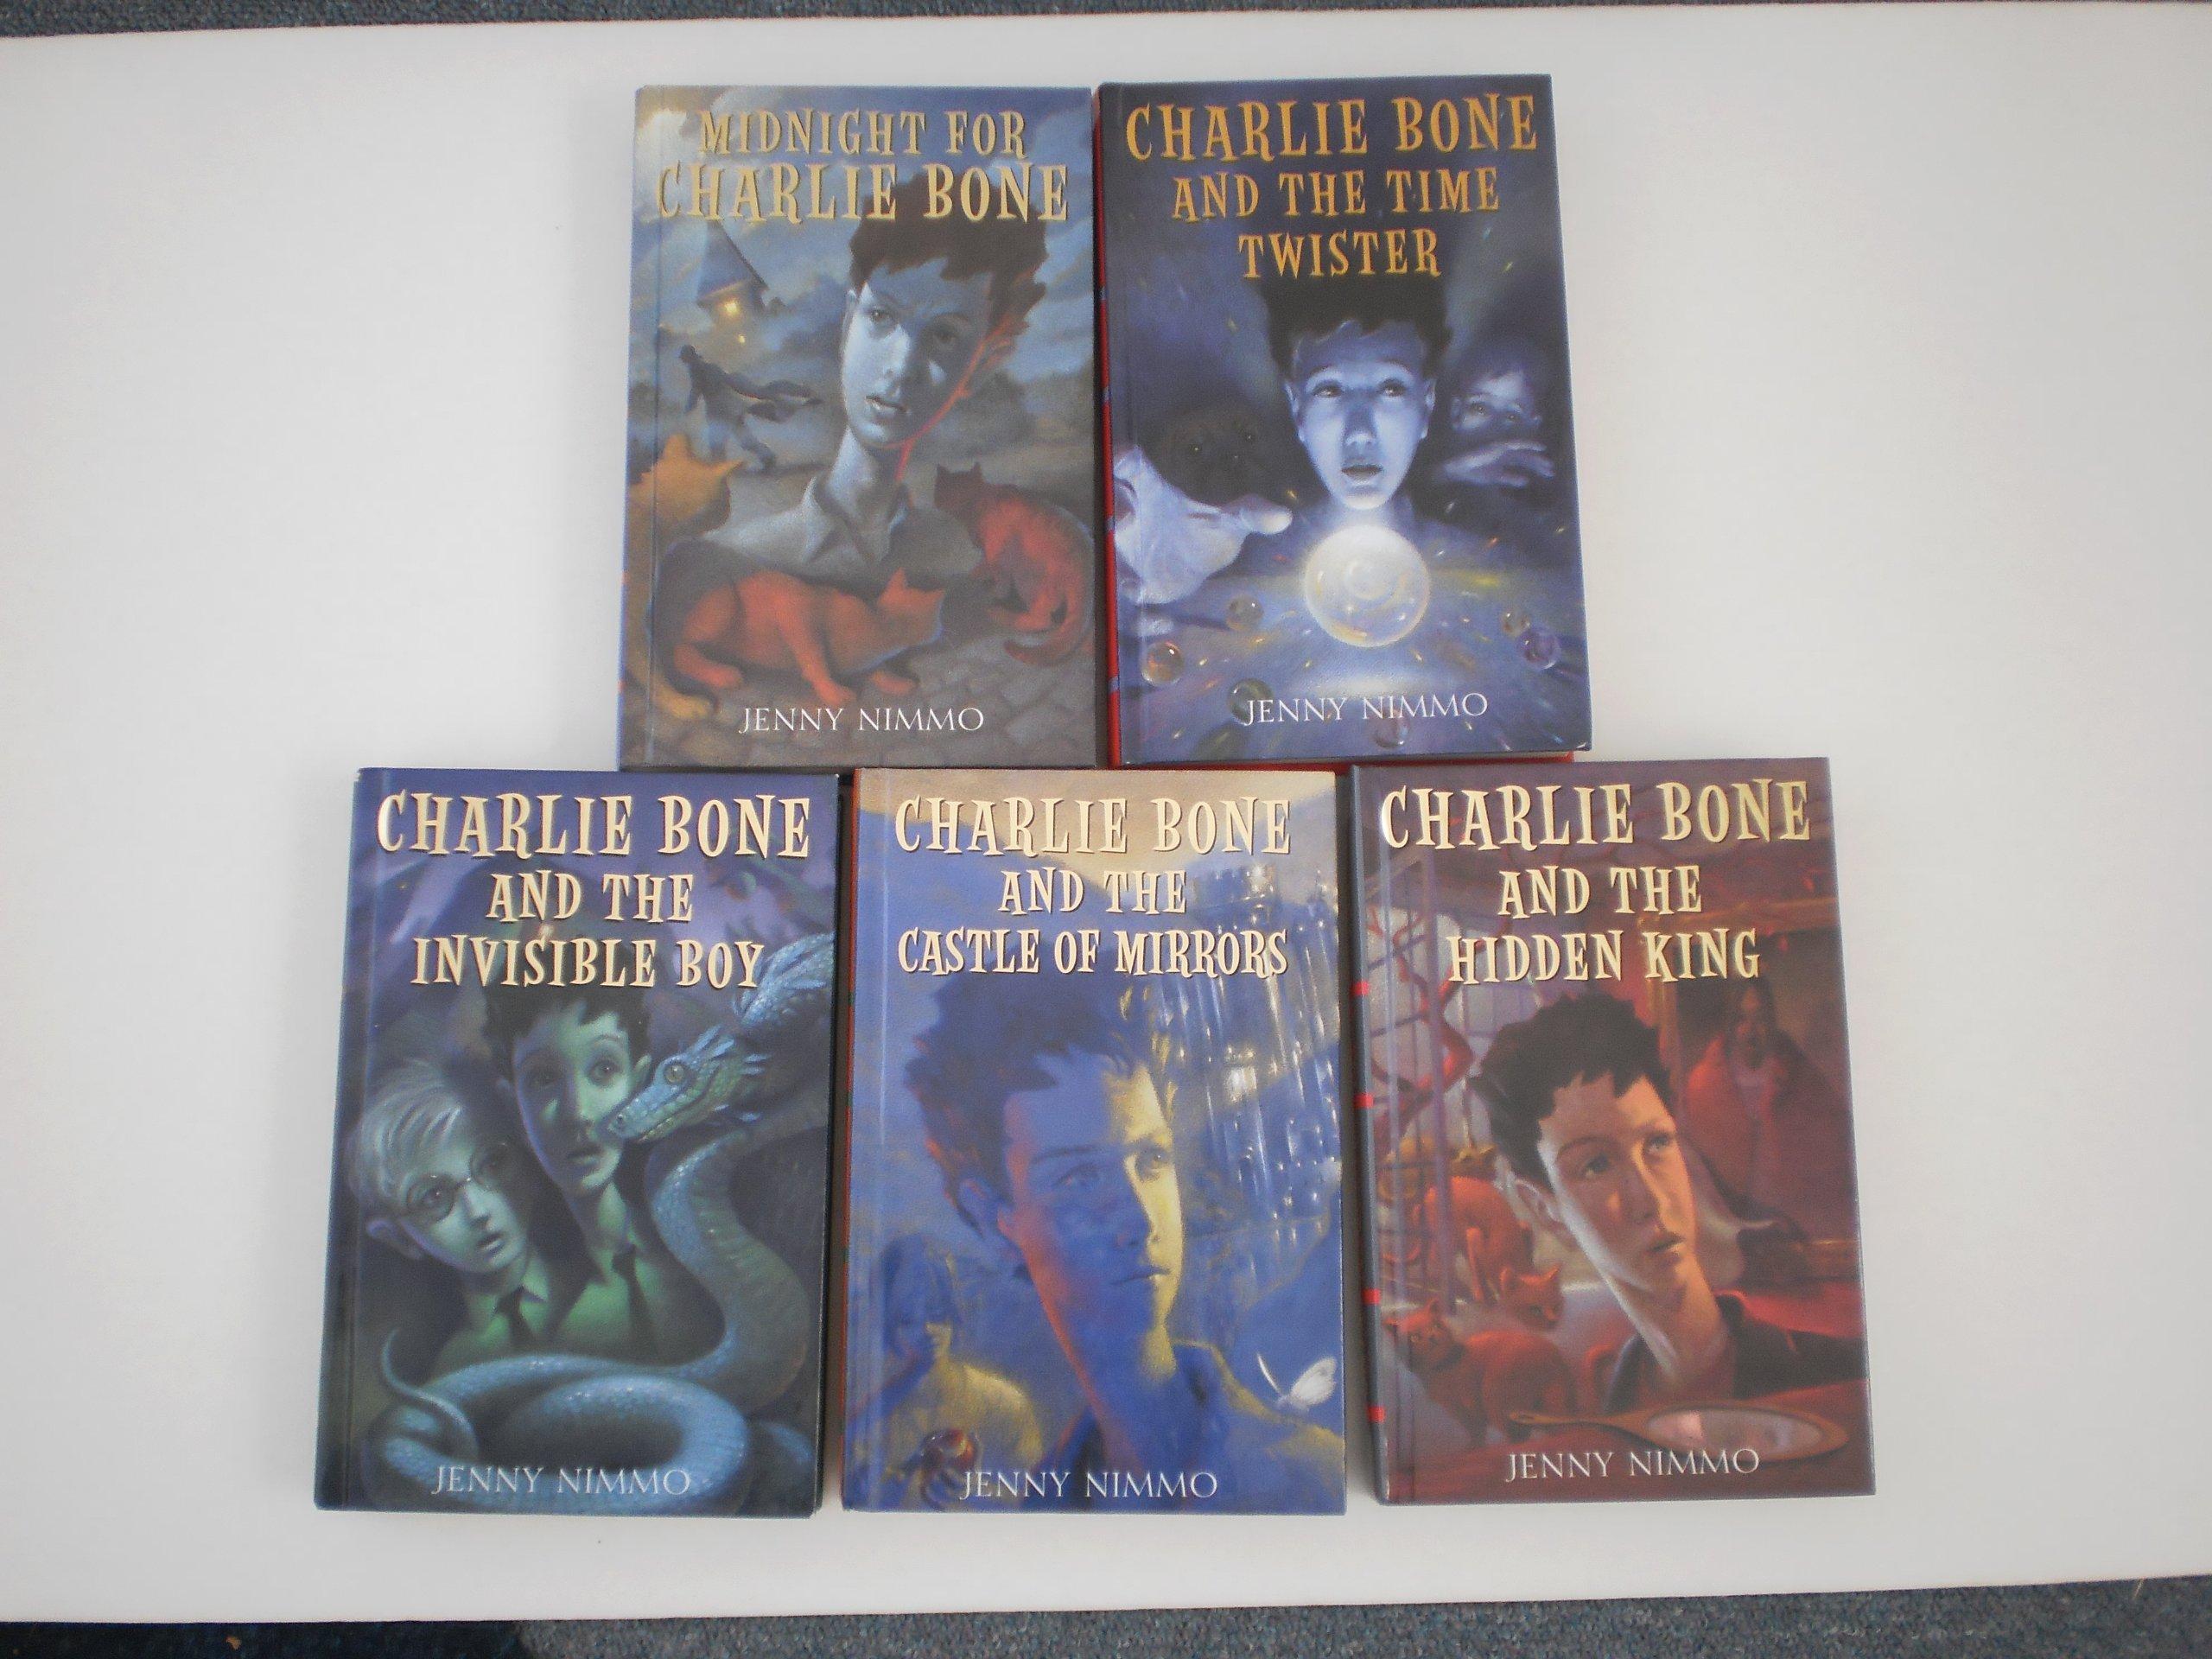 Charlie Bone Set: Books 15 (midnight For Charlie Bone, Charlie Bone And  The Time Twister, Charlie Bone And The Blue Boa, Charlie Bone And The  Castle Of